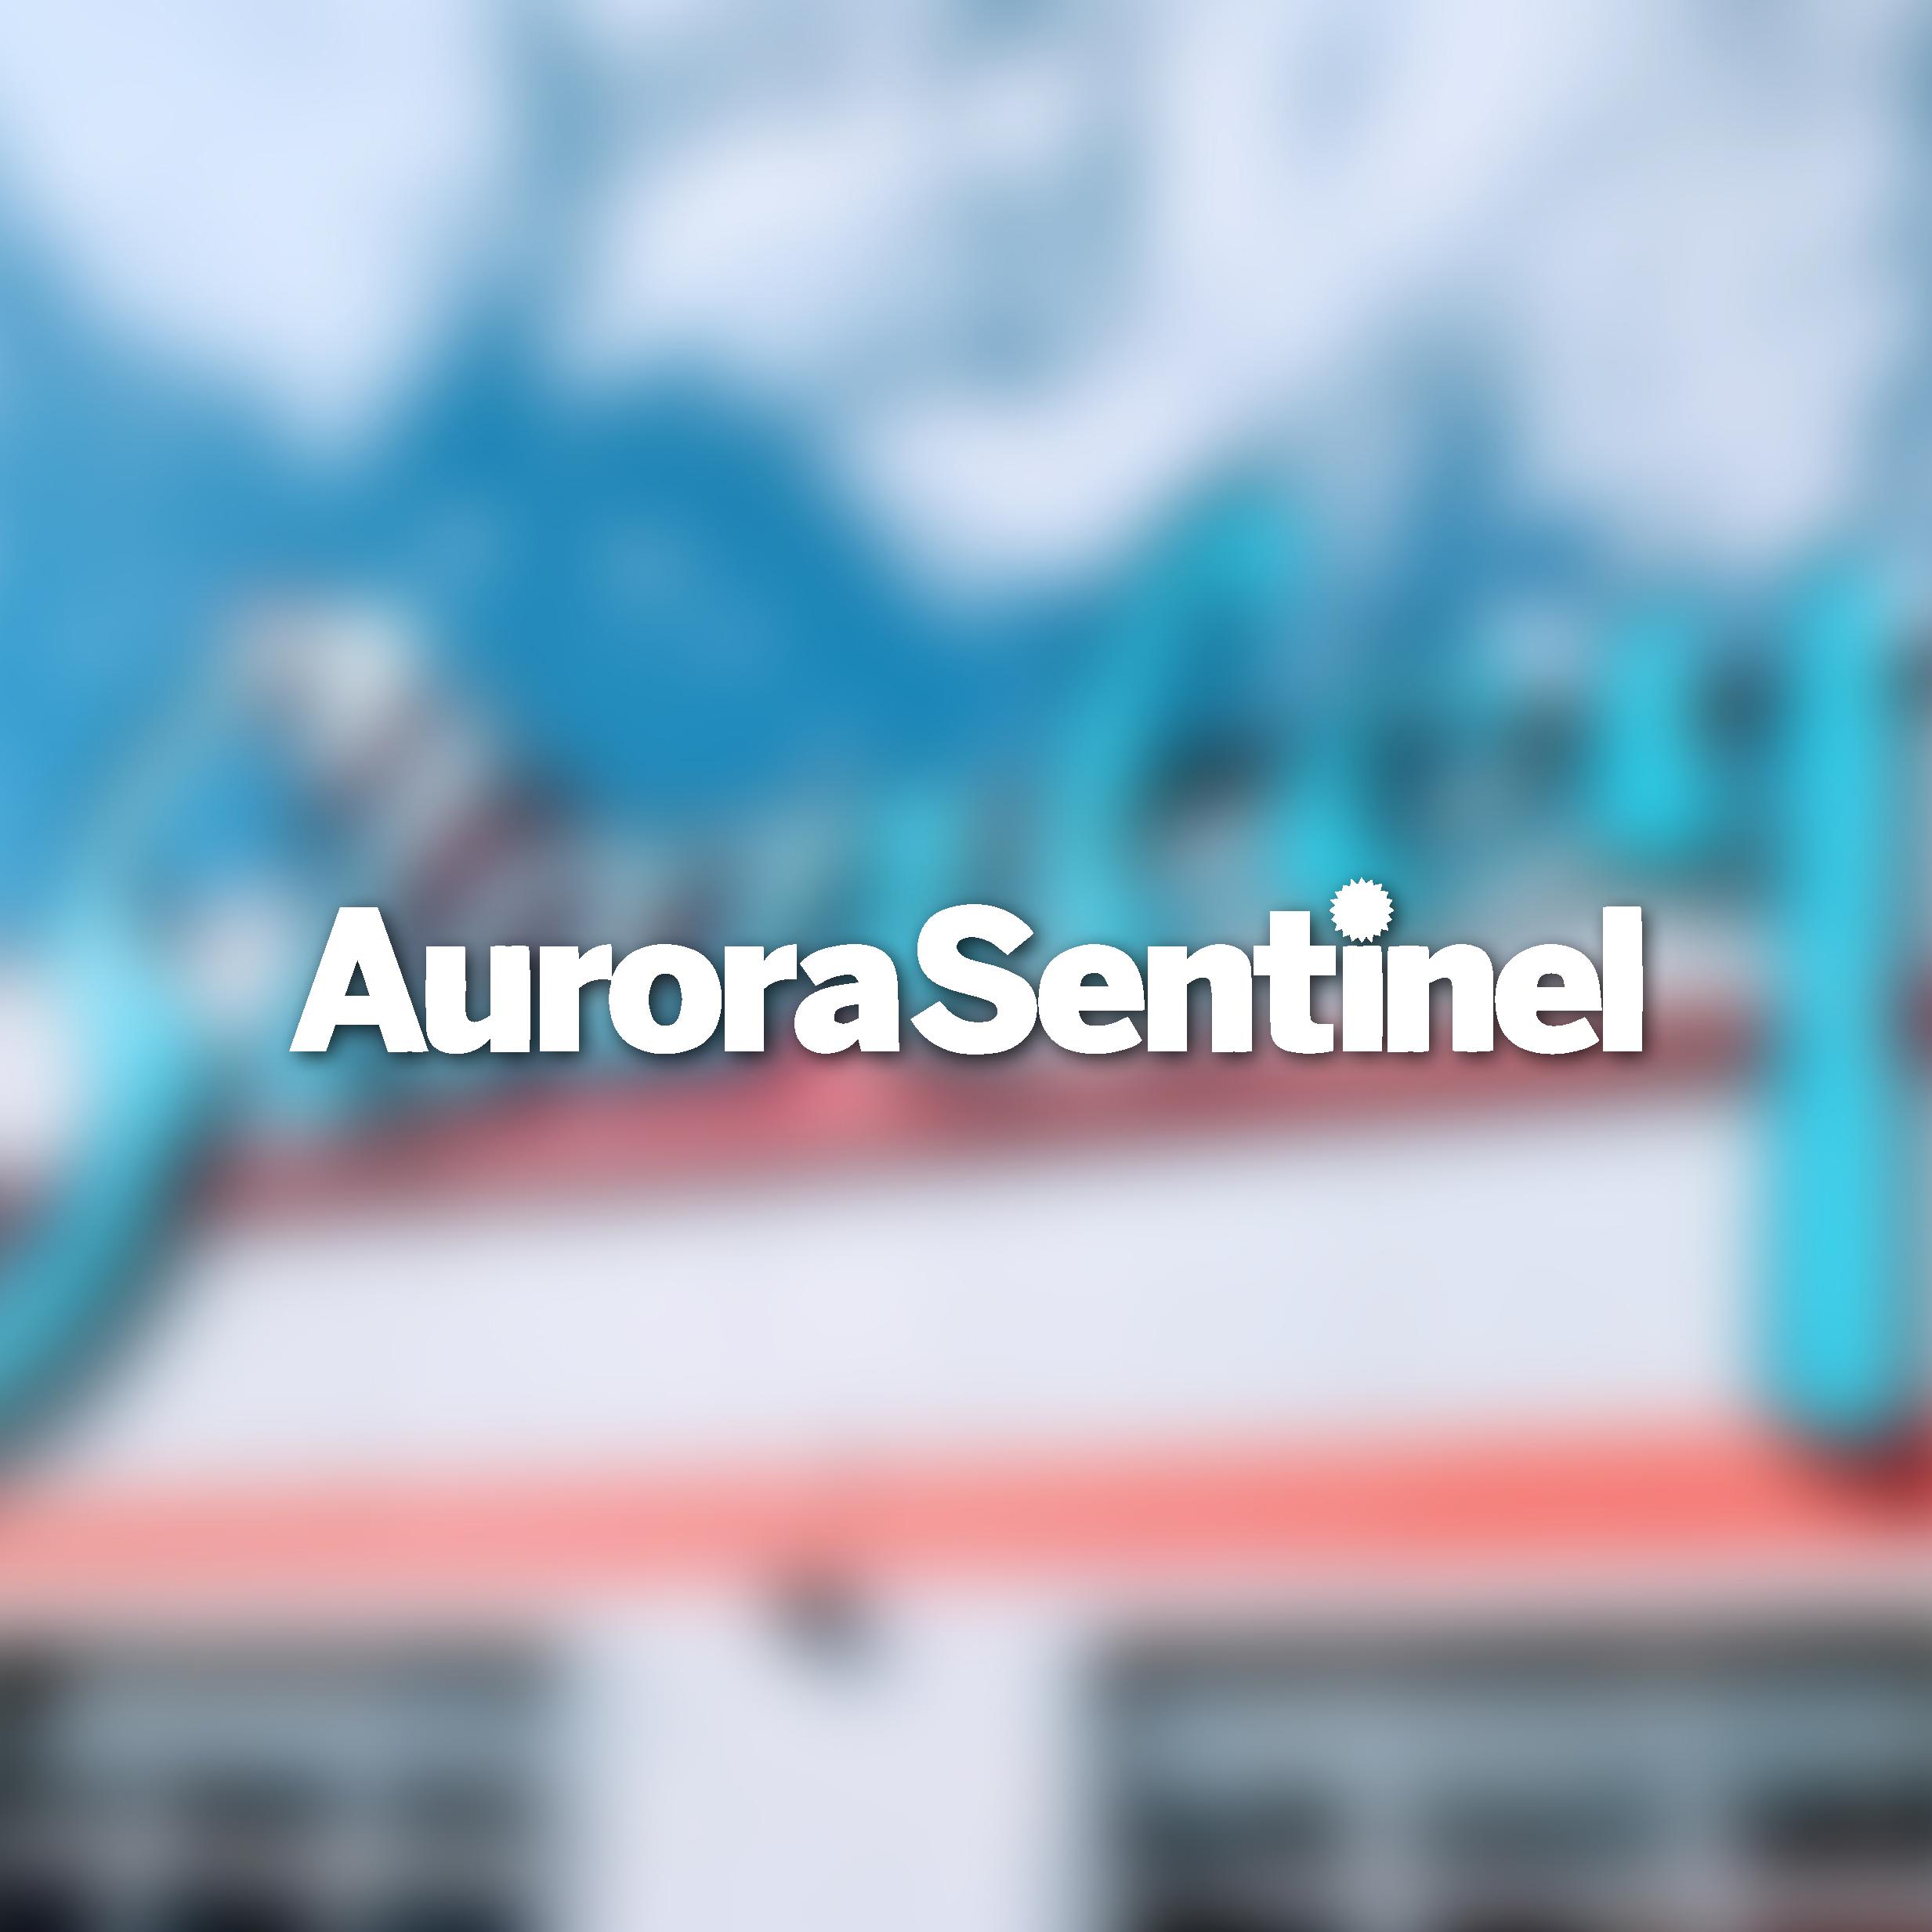 Aurora Sentinel